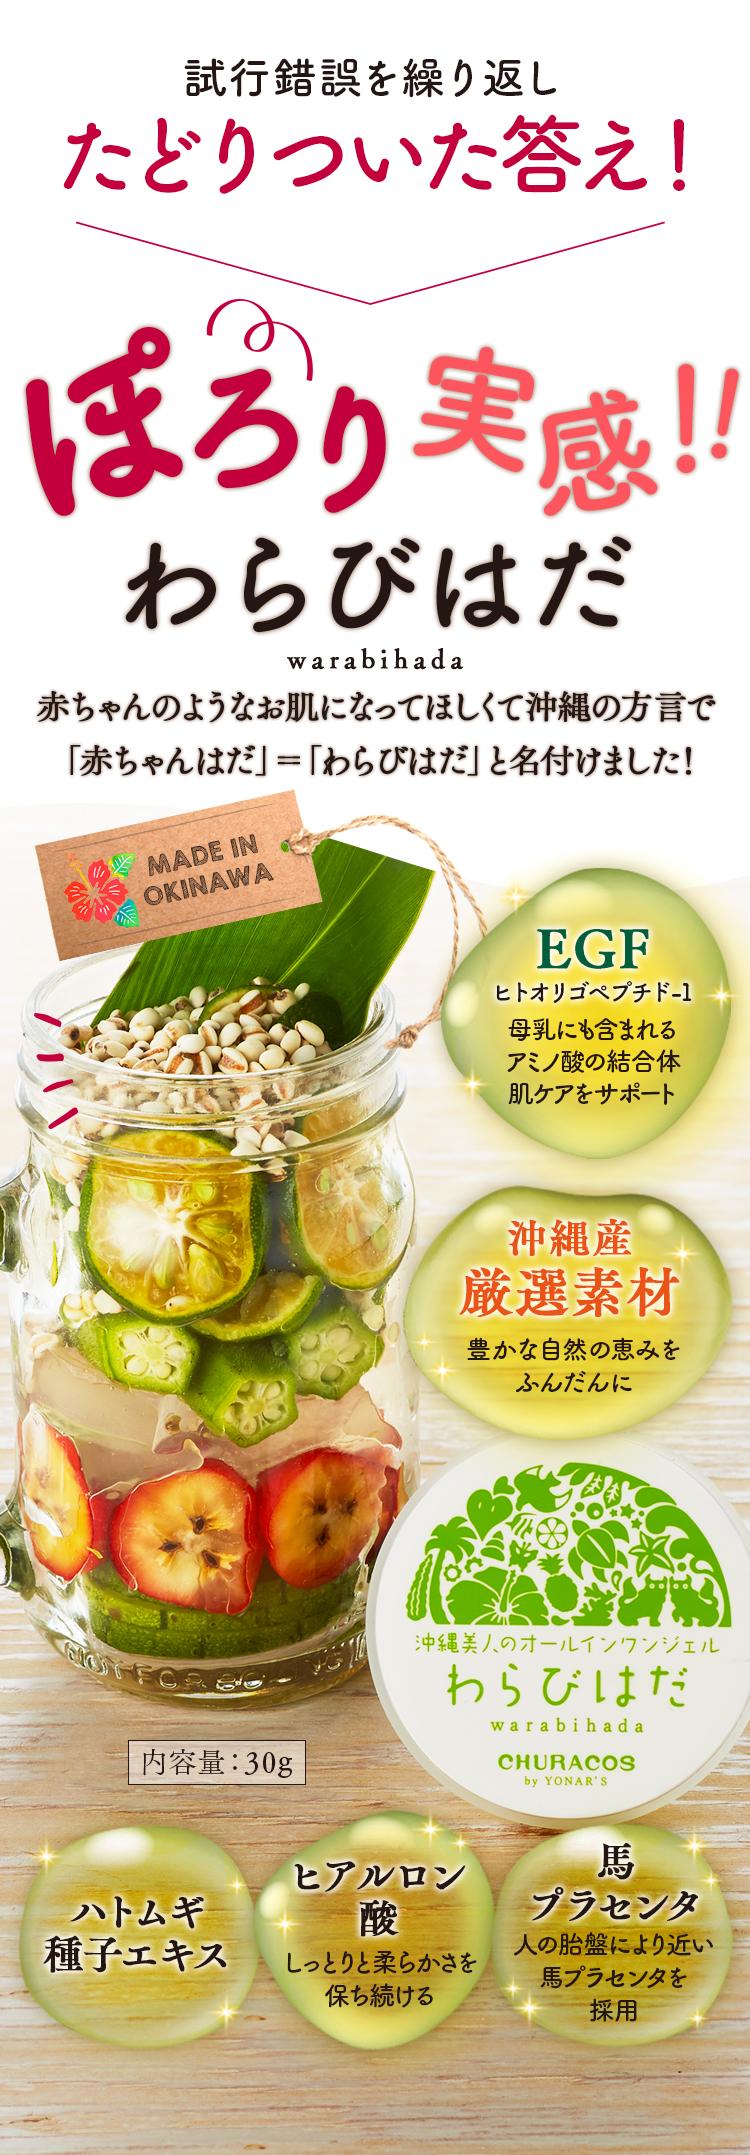 わらび肌 沖縄産厳選素材、ヒアルロン酸、馬プラセンタ、EGF、ハトムギ種子エキス